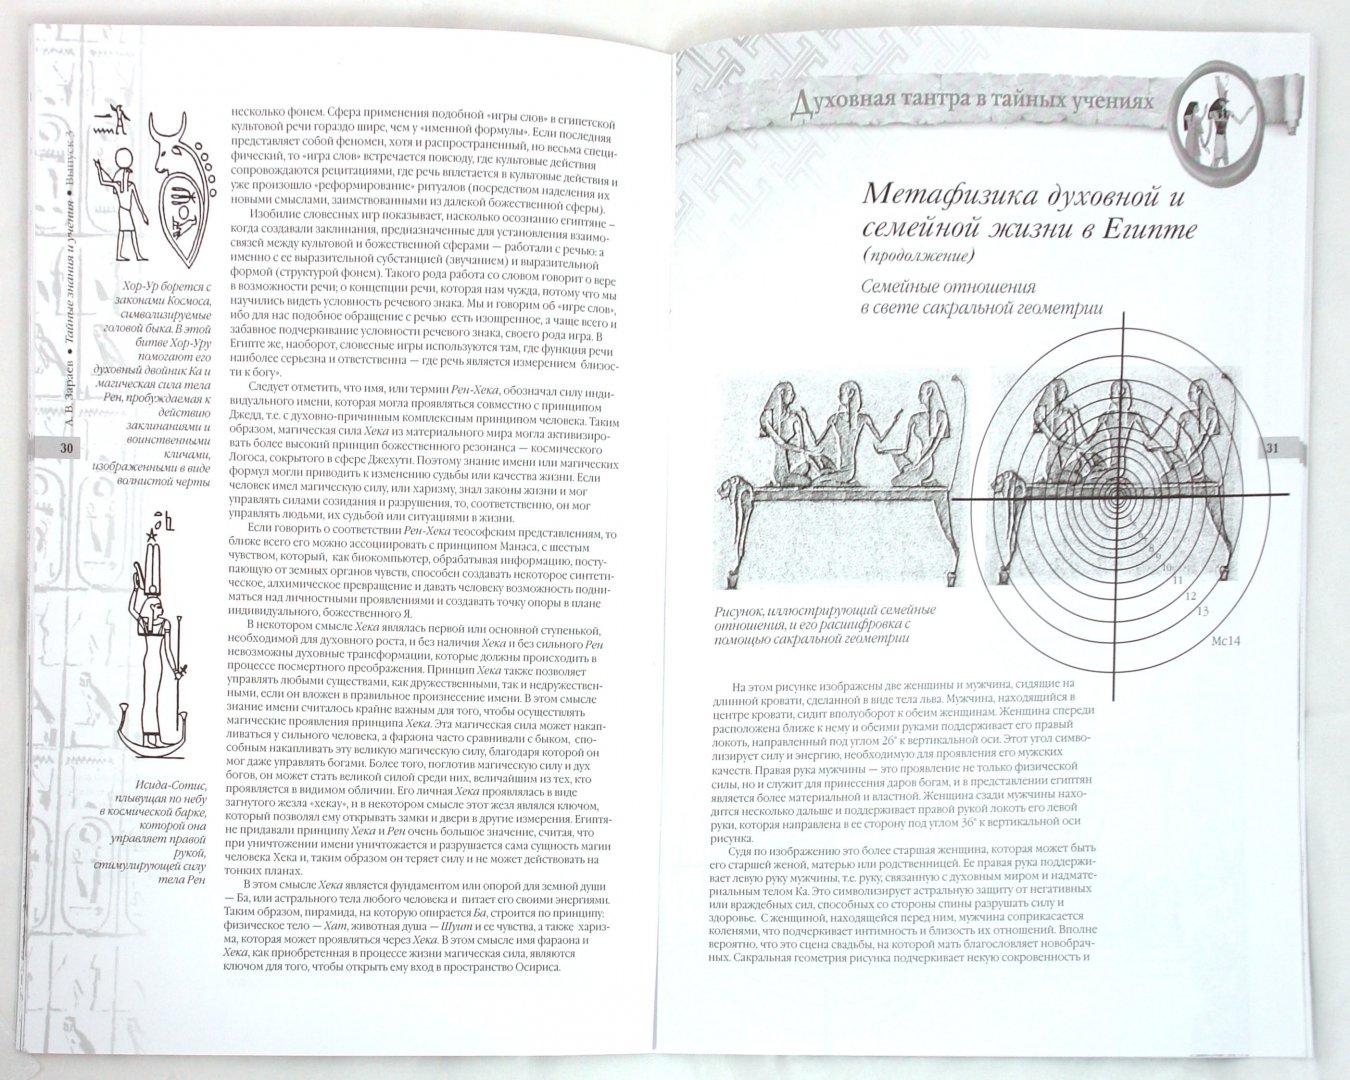 Иллюстрация 1 из 2 для Тайные знания и учения. Выпуск №1 - Александр Зараев | Лабиринт - книги. Источник: Лабиринт